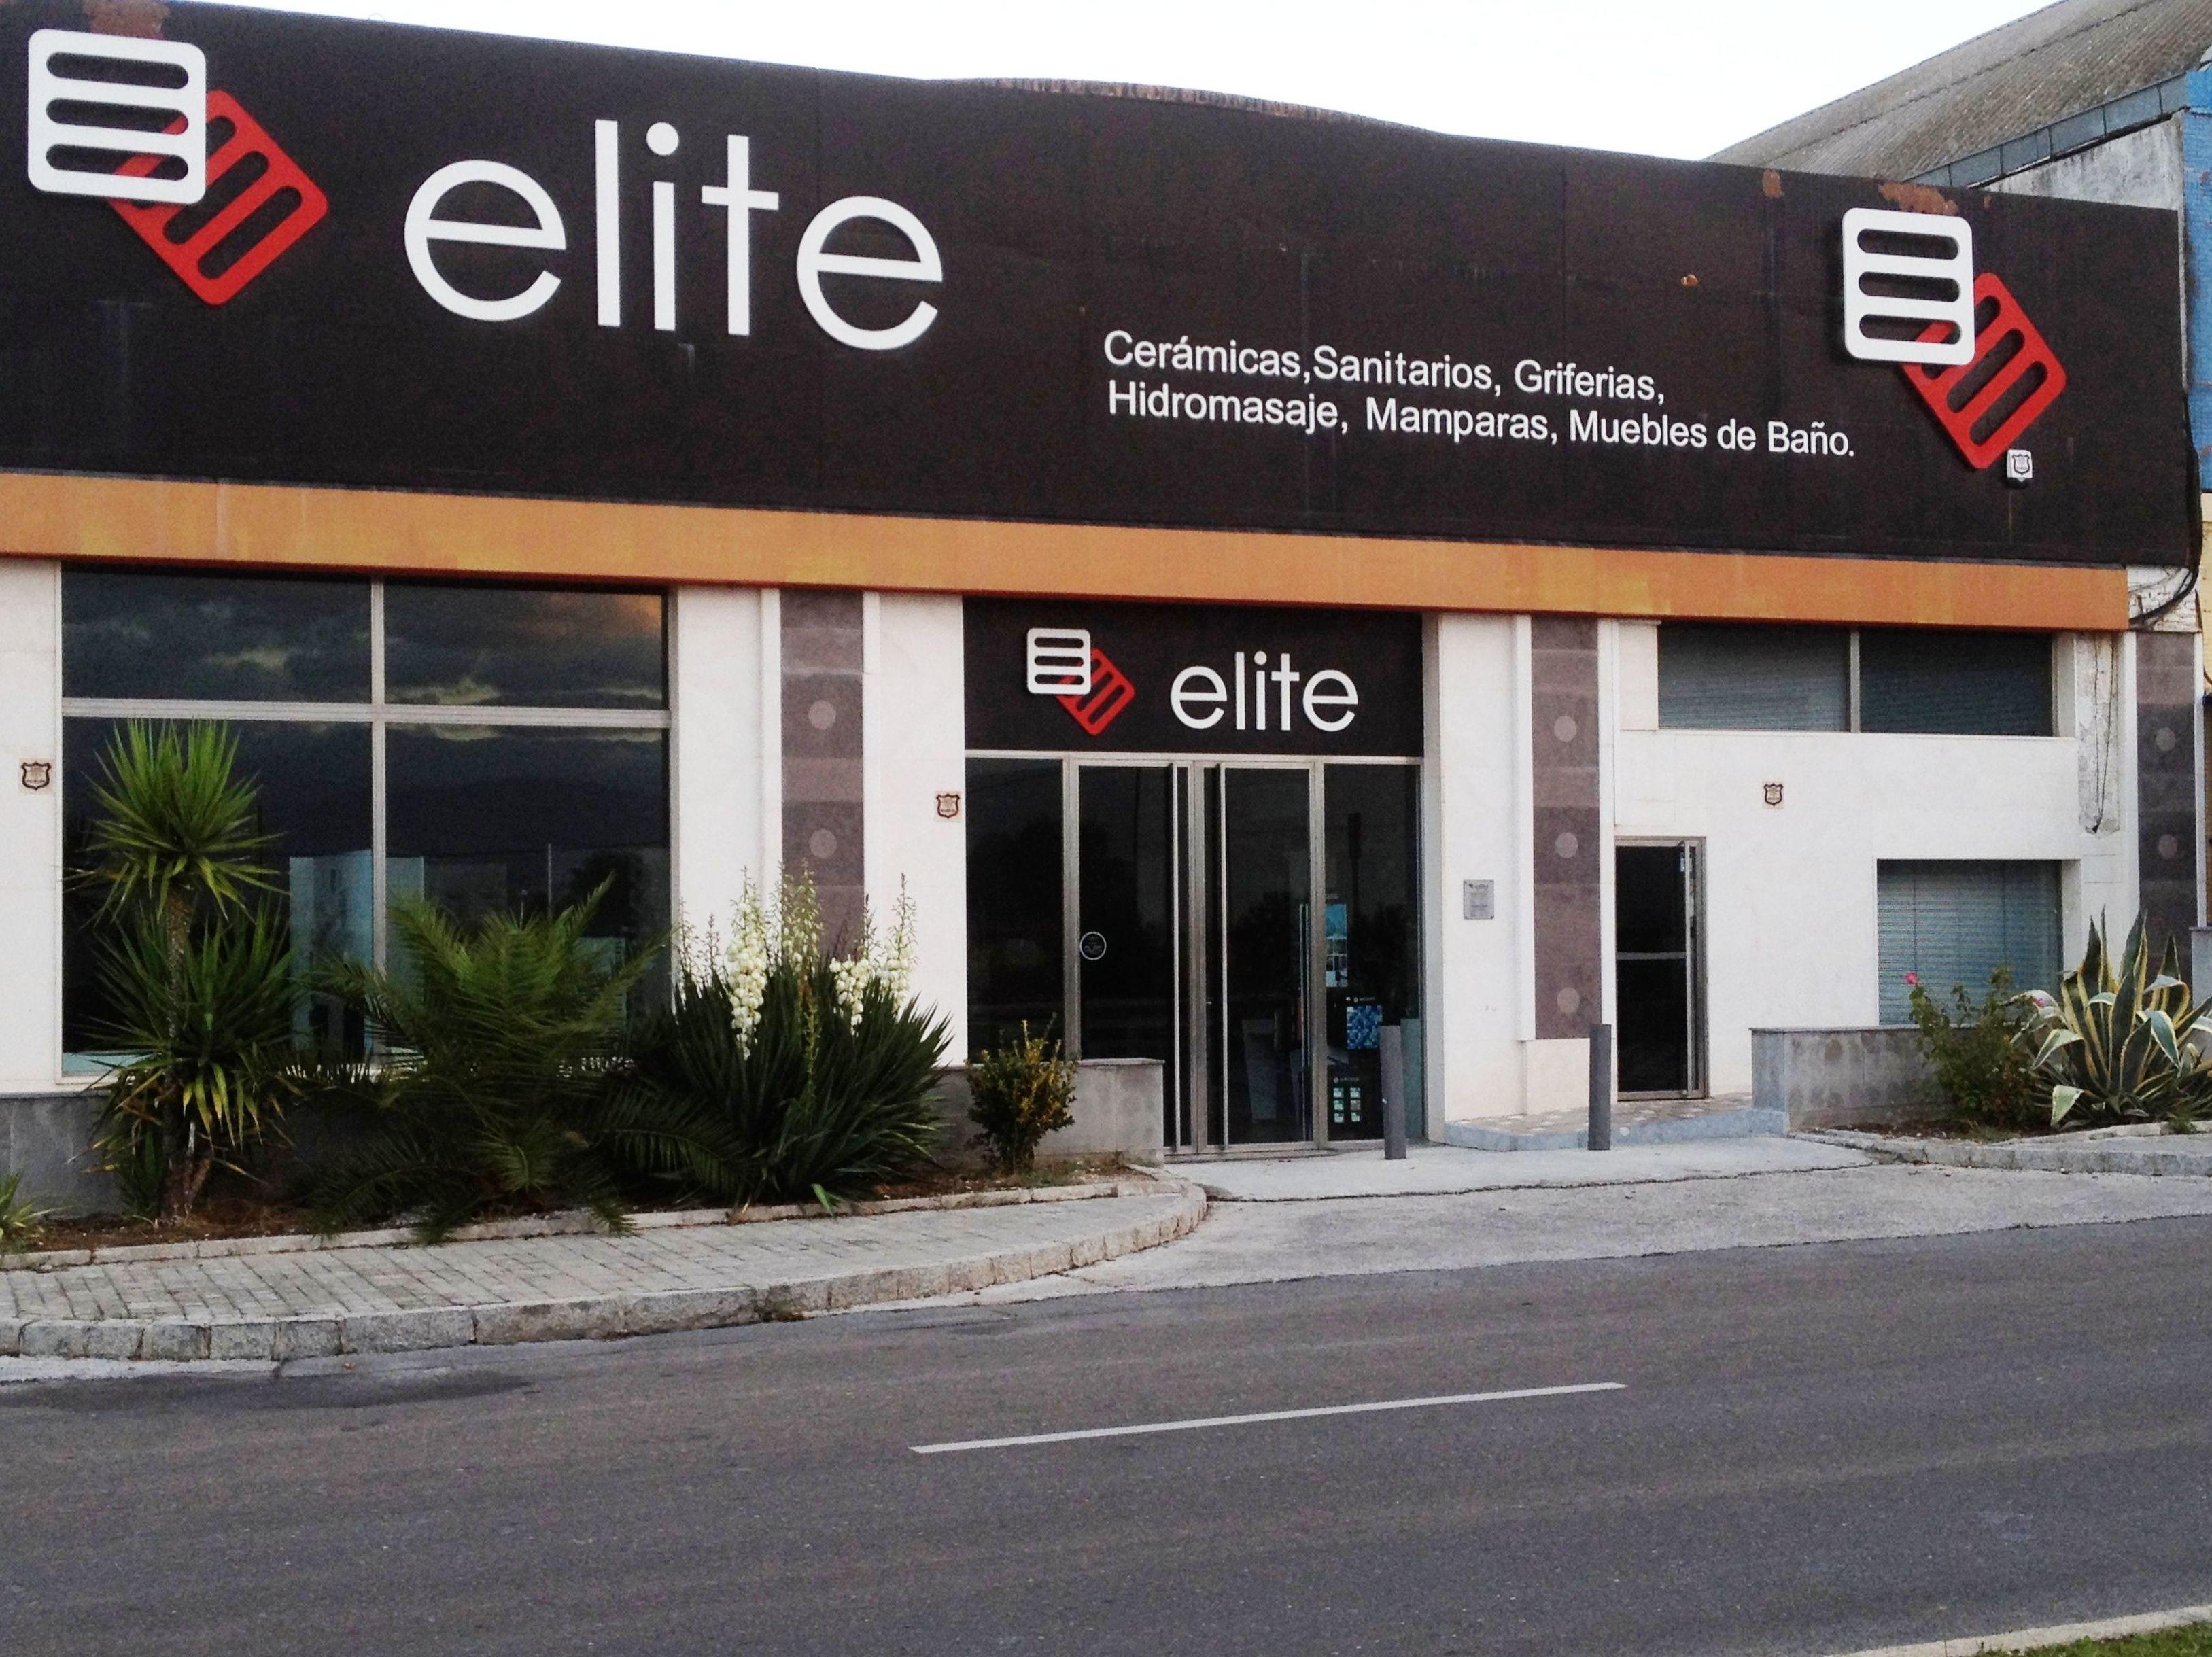 Azulejos Baño Granada:Azulejos baratos en Granada en las instalaciones de Elite Cerámicas